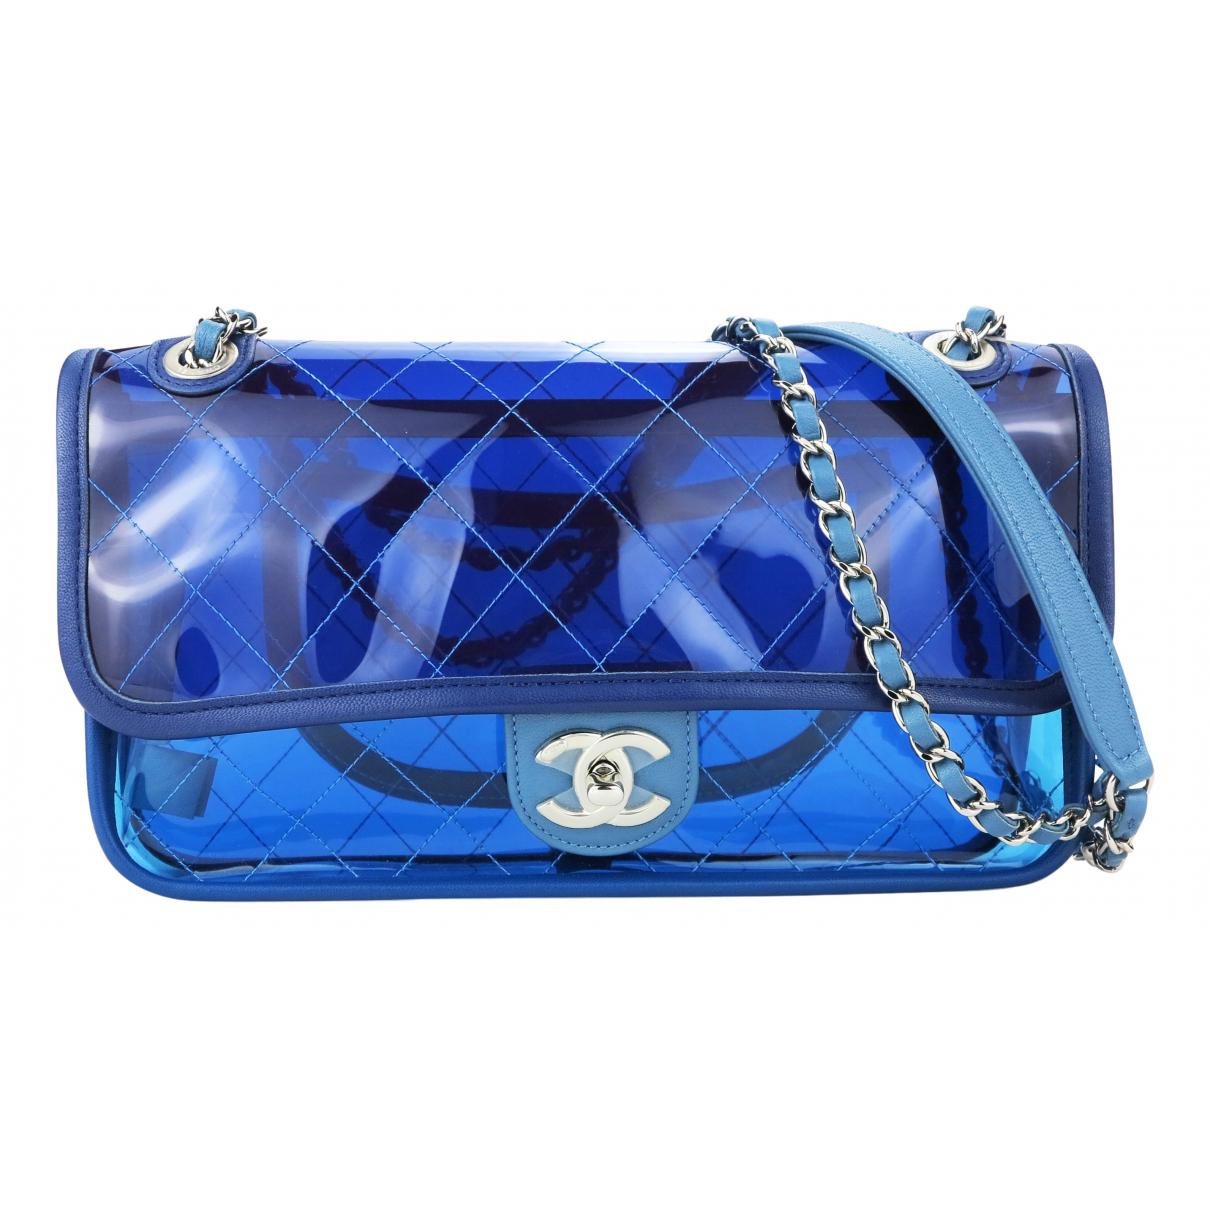 Chanel Timeless/Classique Handtasche in  Blau Kunststoff